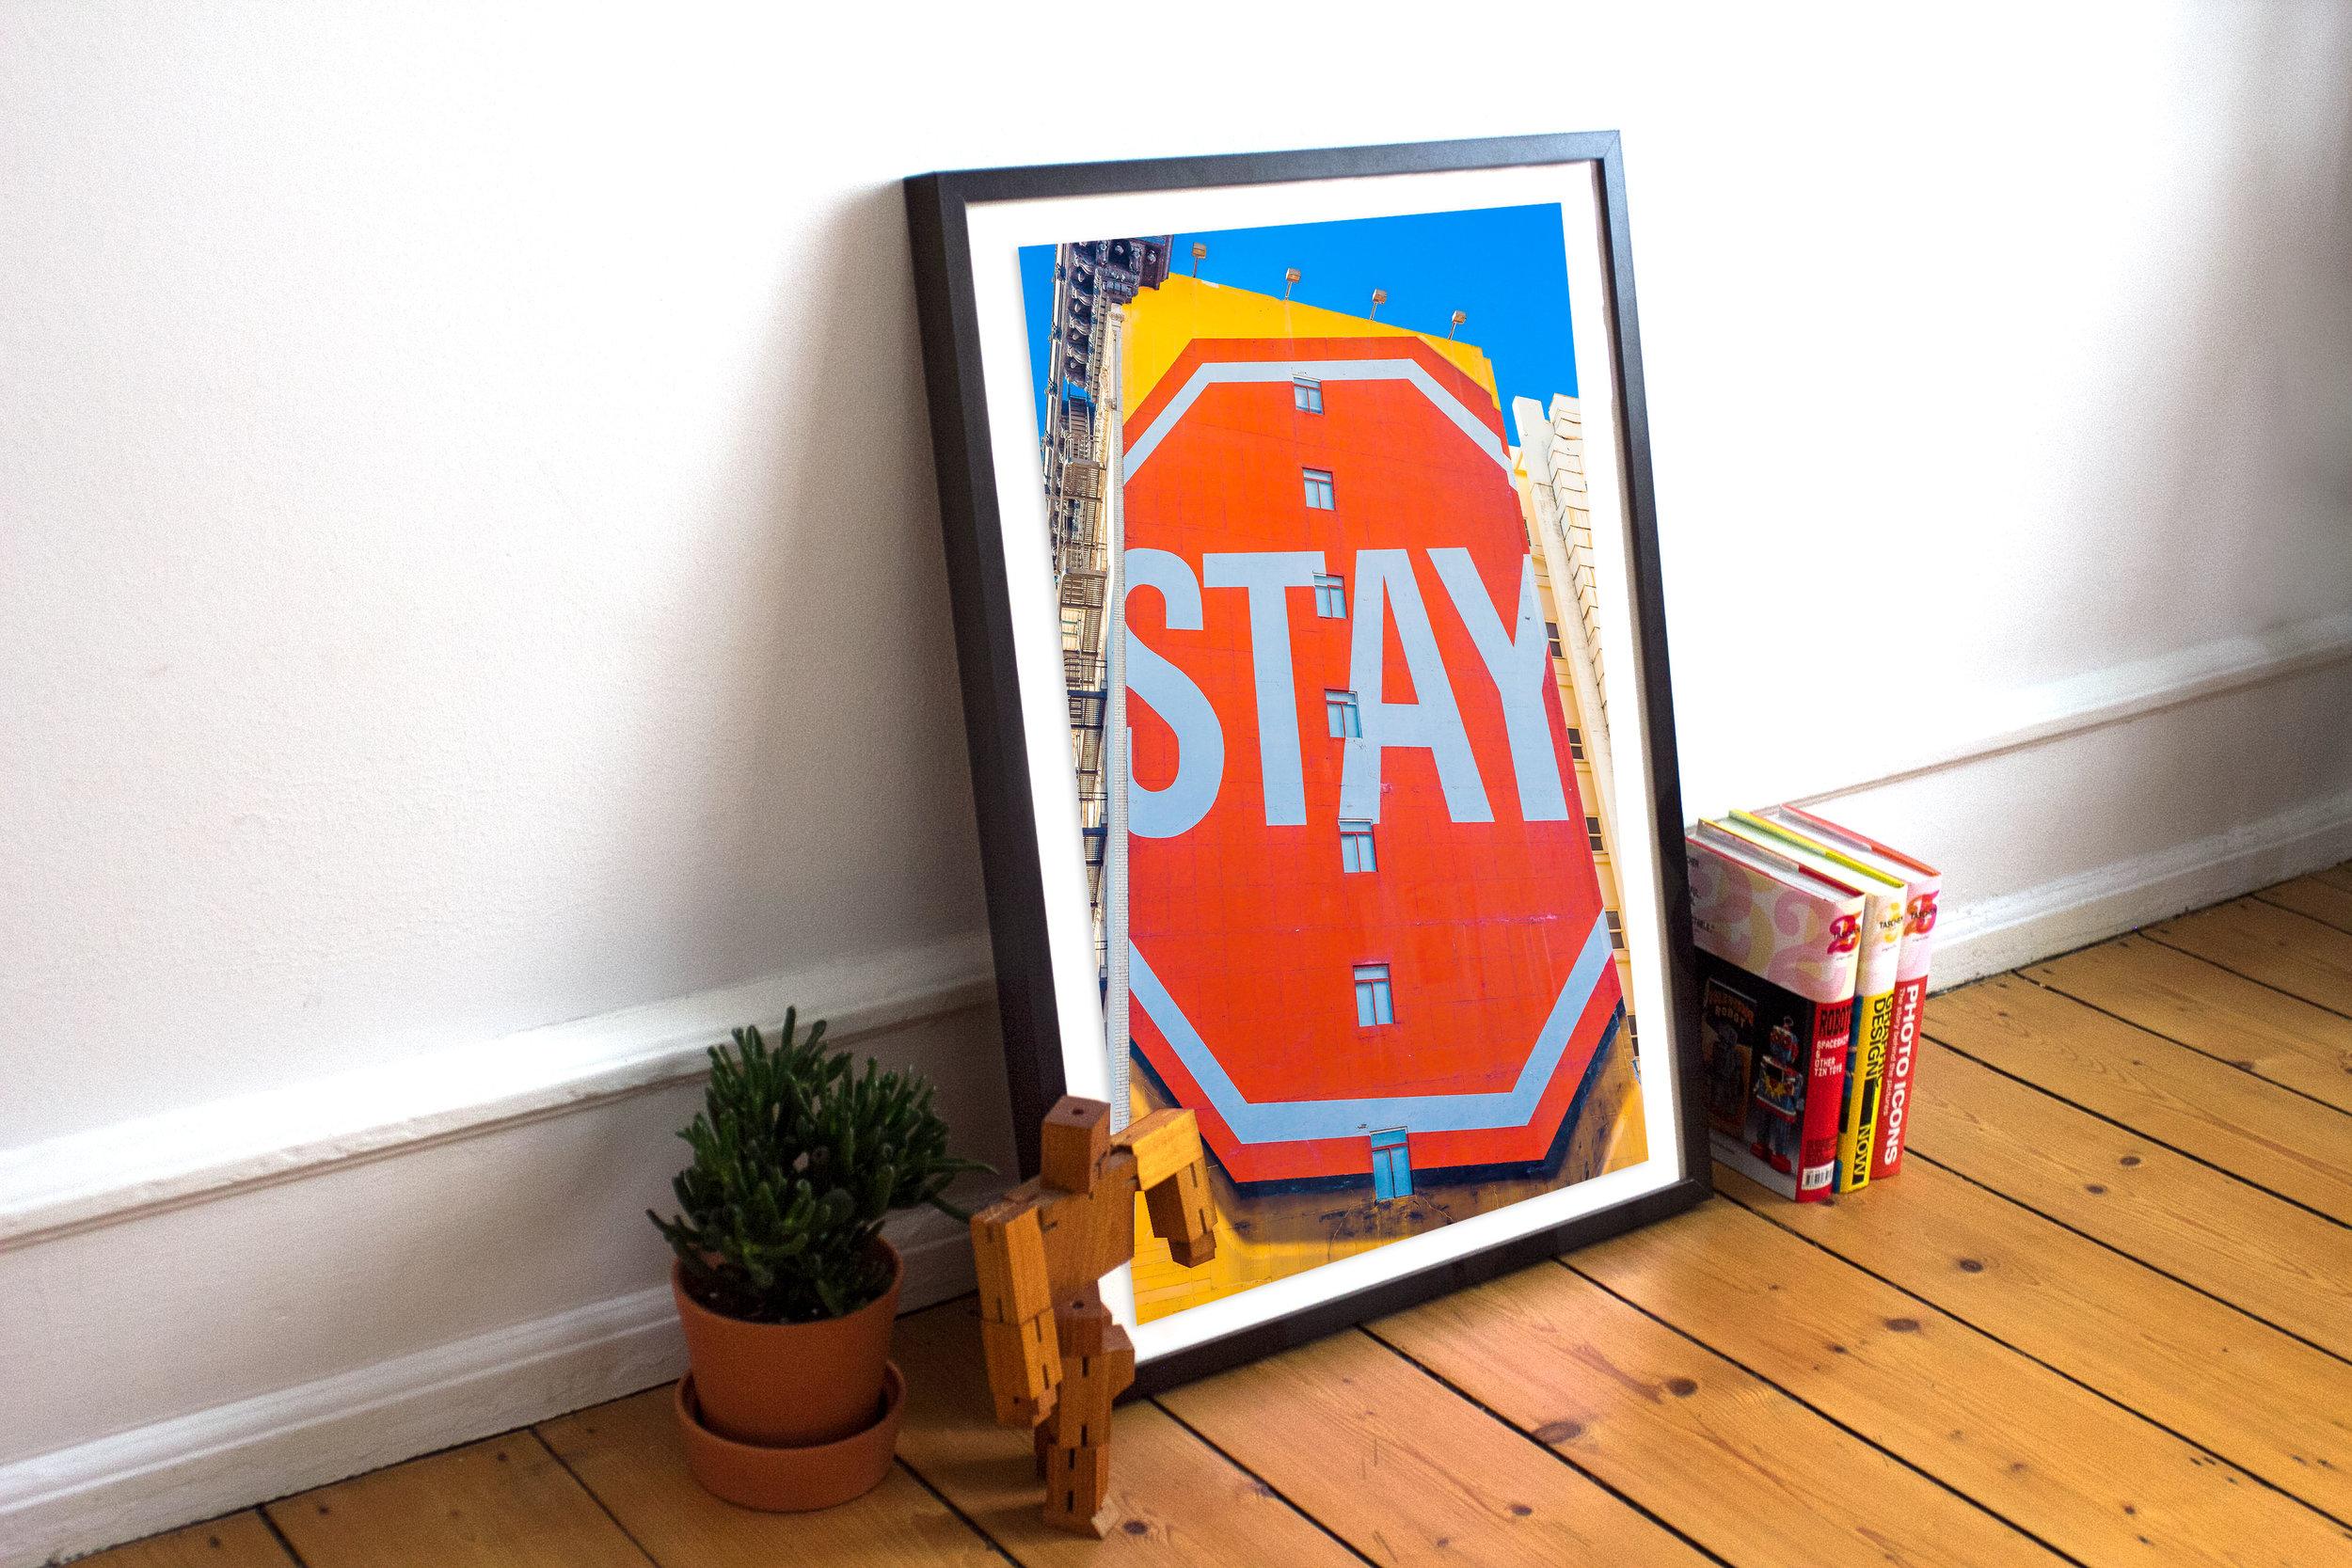 StaySF.jpg